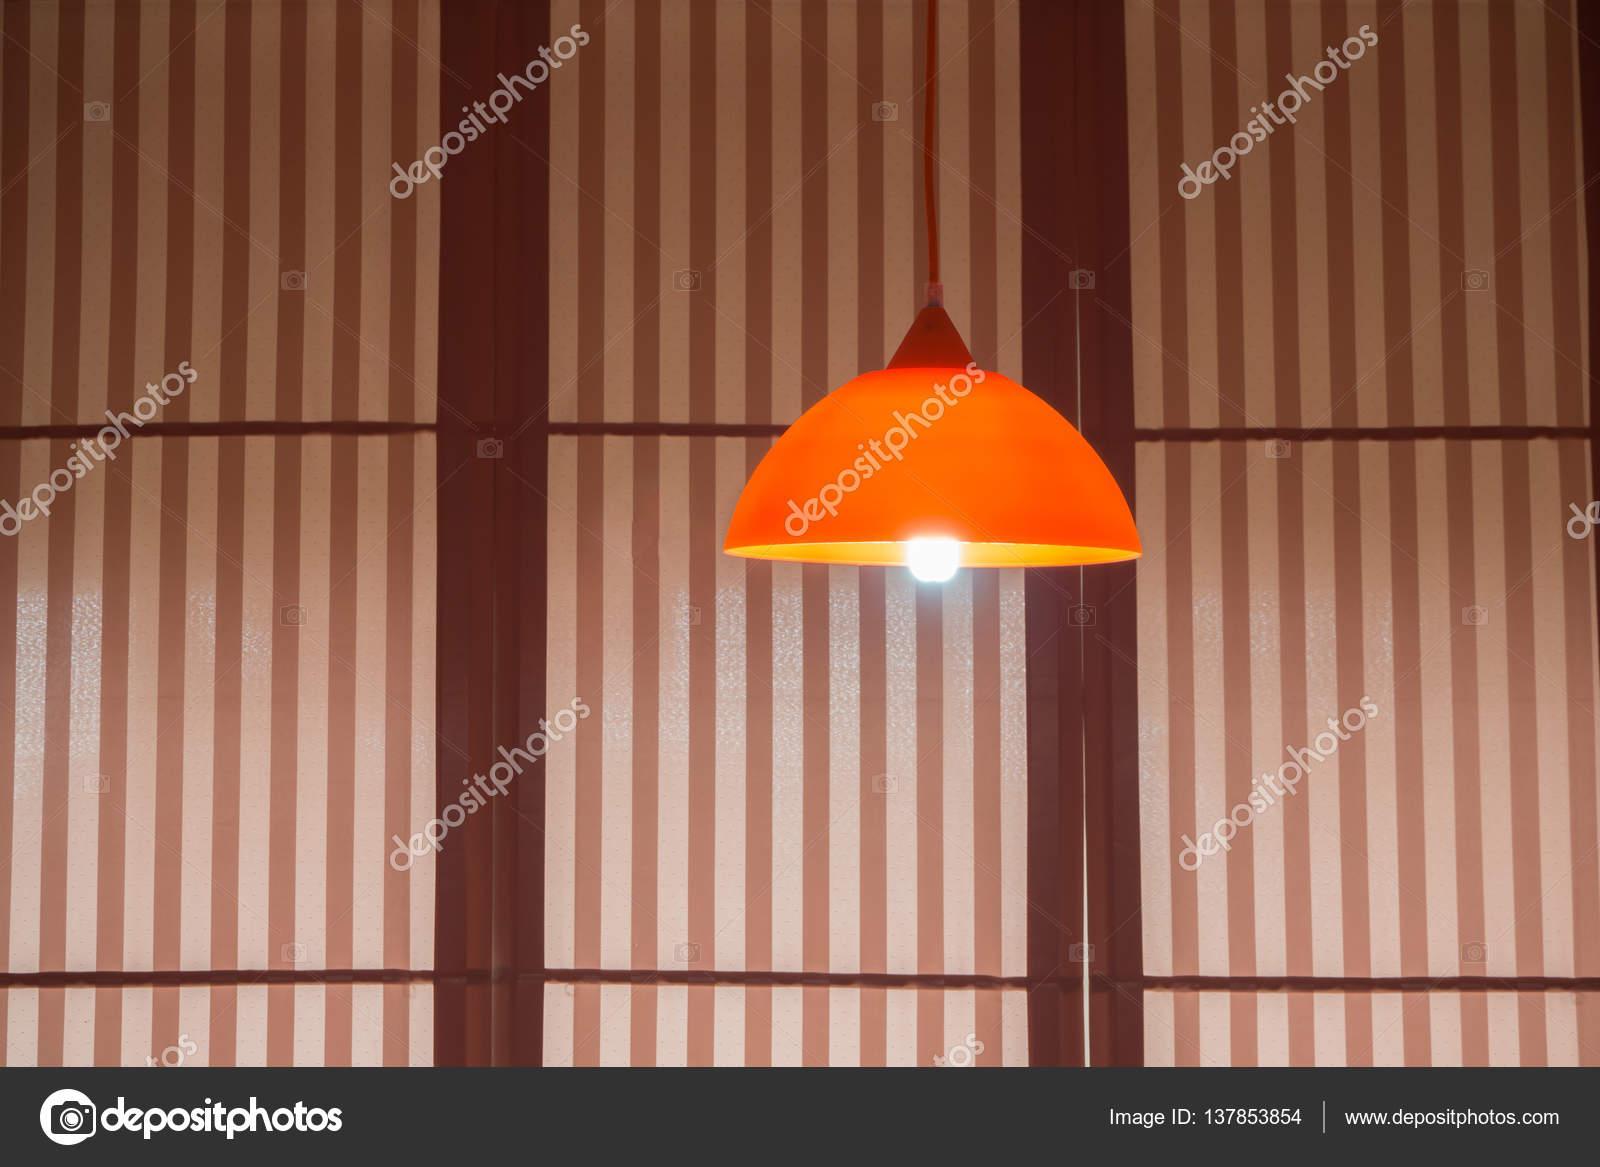 Plafoniere Moderne In Legno : Plafoniere moderne con copre la priorità bassa u2014 foto stock © awaygy